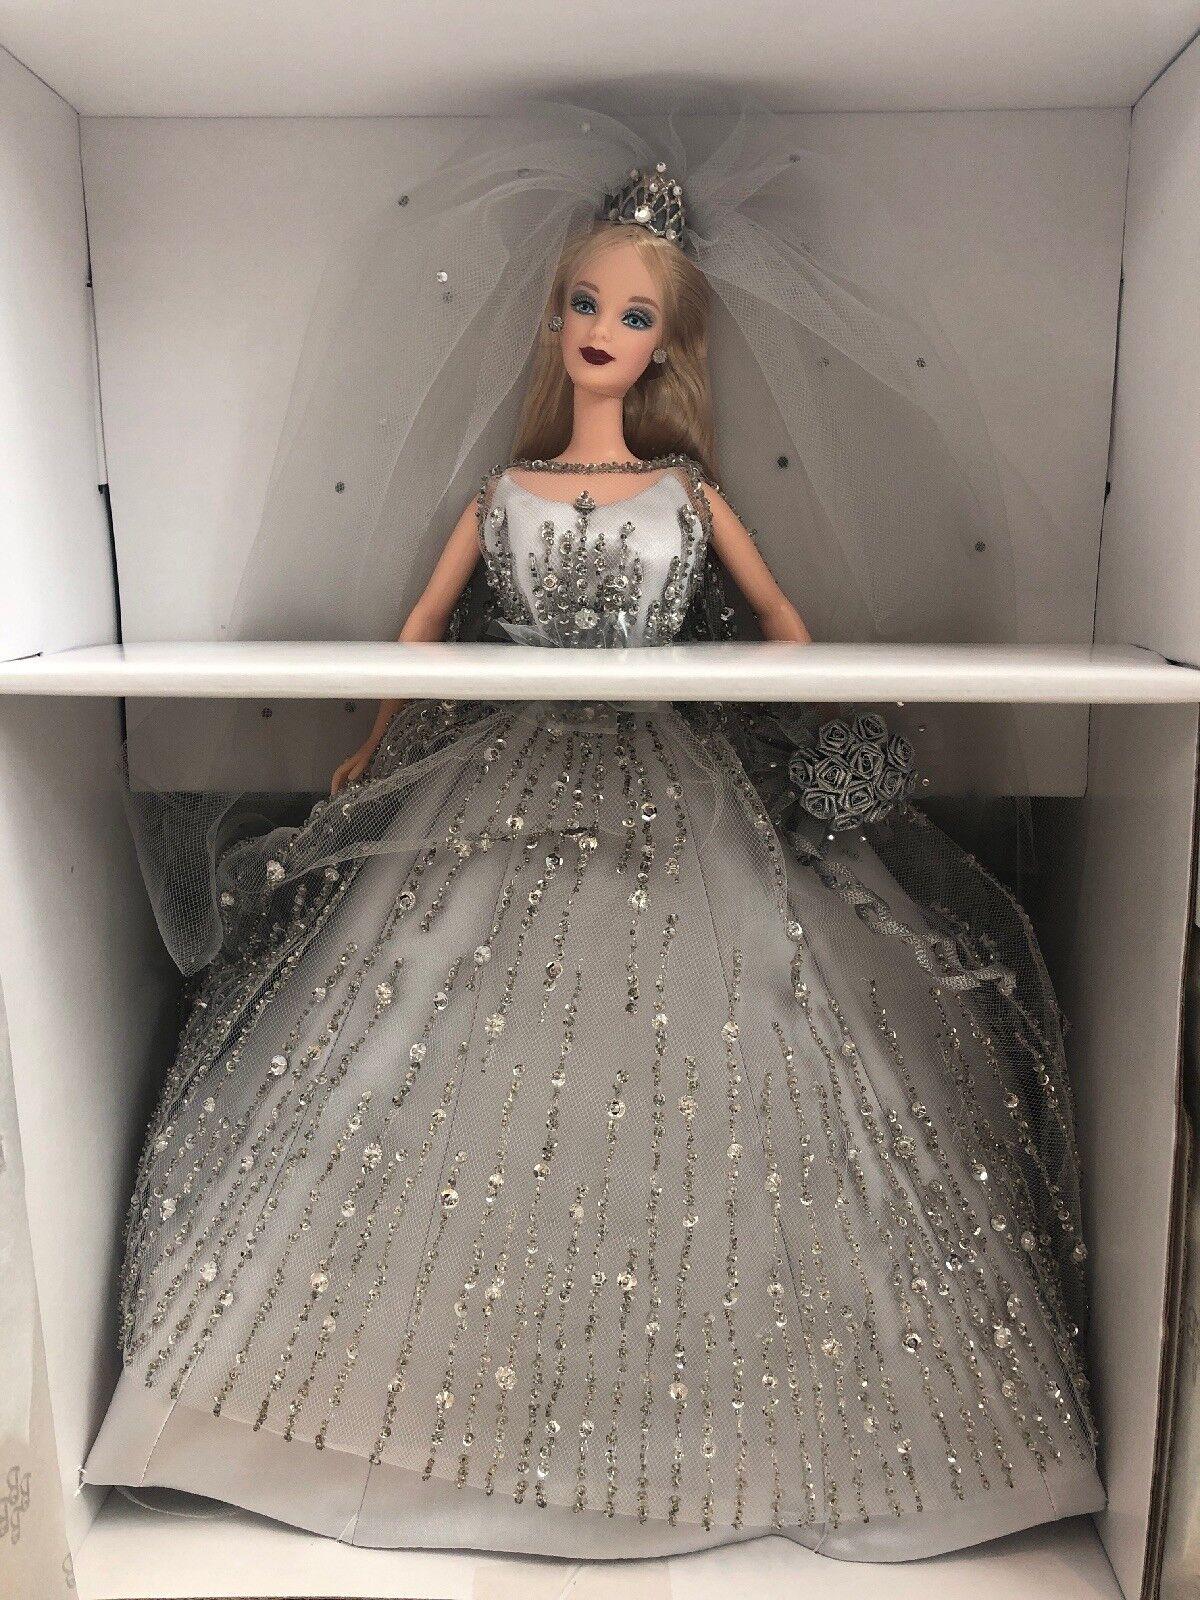 Colector de novia del milenio 2000 Muñeca Barbie swarovkski Cristales + cargador nuevo nunca quitado de la caja